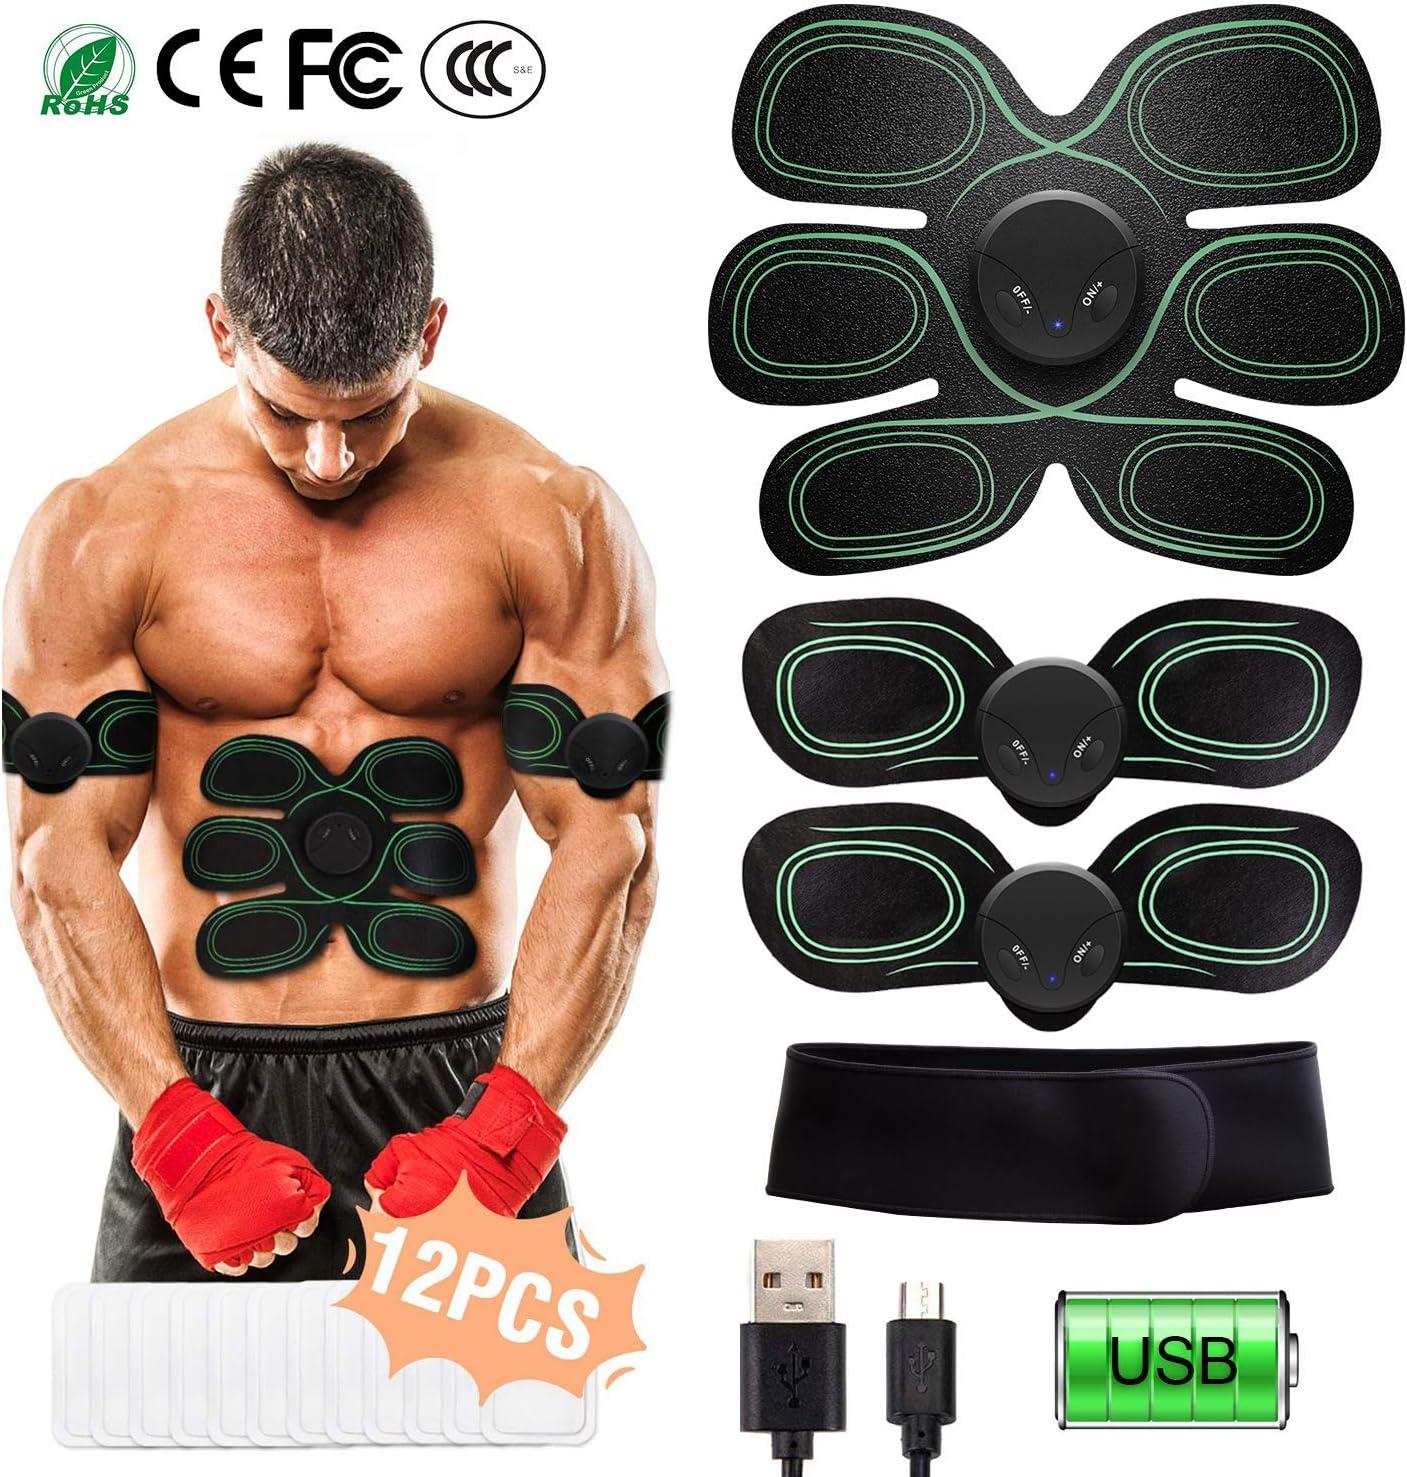 Nrpfell EMS Ceinture Abdominale /éLectrostimulation Ceinture Vibrante ABS Muscle Hanche Entra?Neur Massage Home Gym /éQuipement de Fitness